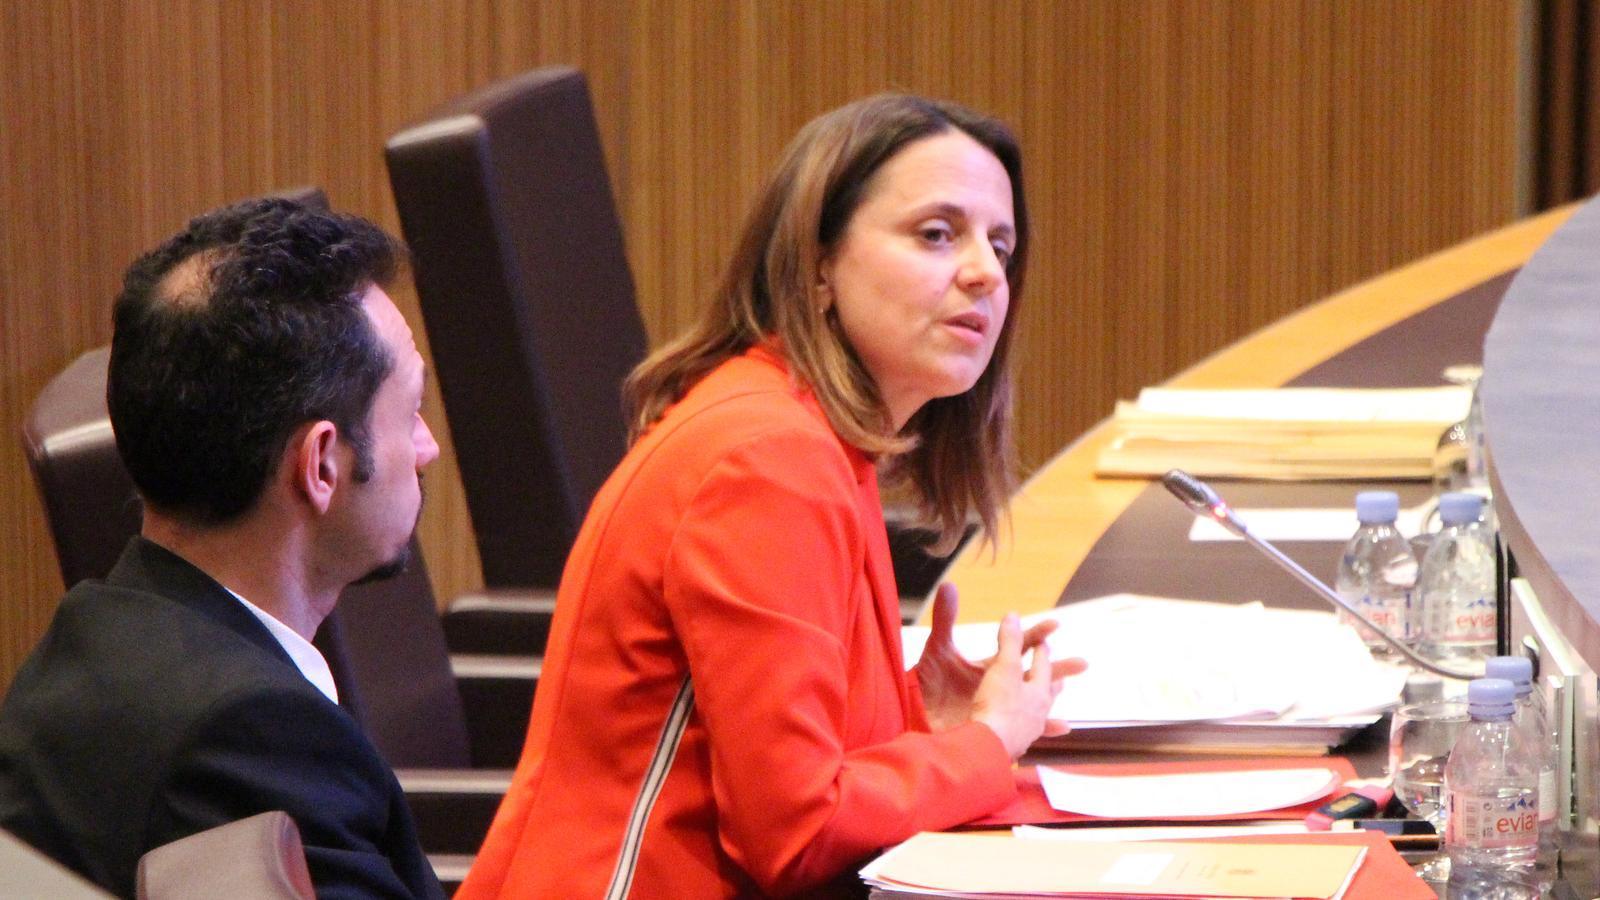 La consellera del PS Rosa Gili, durant el debat. / M. P. (ANA)